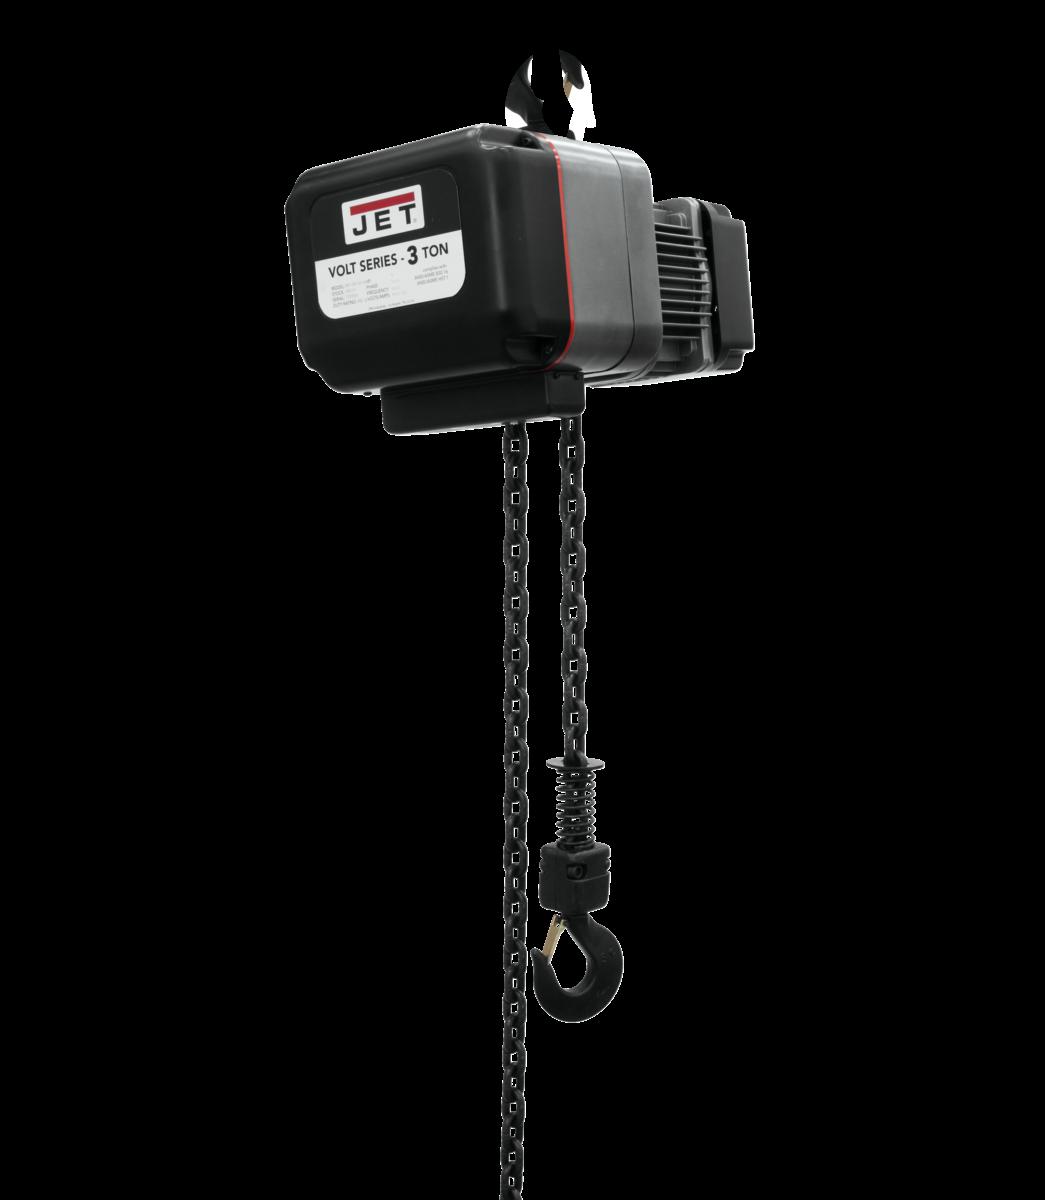 VOLT 3T VARIABLE-SPEED ELECTRIC HOIST 3PH 460V 10' LIFT